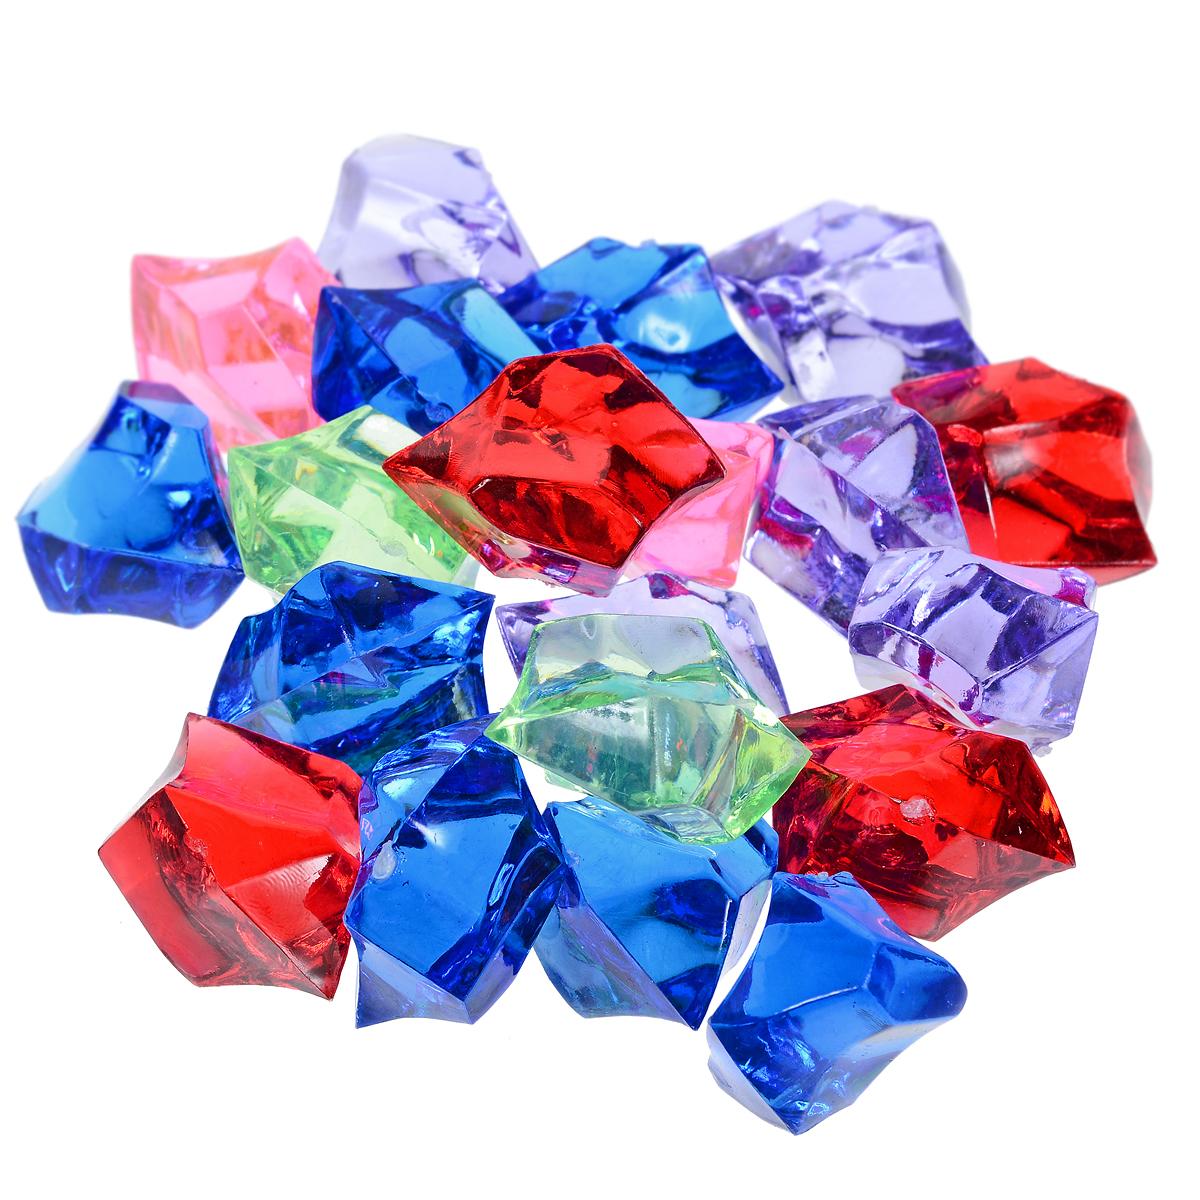 Набор декоративных кристаллов Большие камни микс, 70 г824-012Набор декоративных кристаллов Большие камни микс, выполненный из пластика, замечательно подойдет для украшения вашего дома. Его можно использовать для создания индивидуального интерьера, а так же как наполнитель декоративных ваз. Декоративные кристаллы создают чувство уюта и улучшают настроение. Материал: пластик.